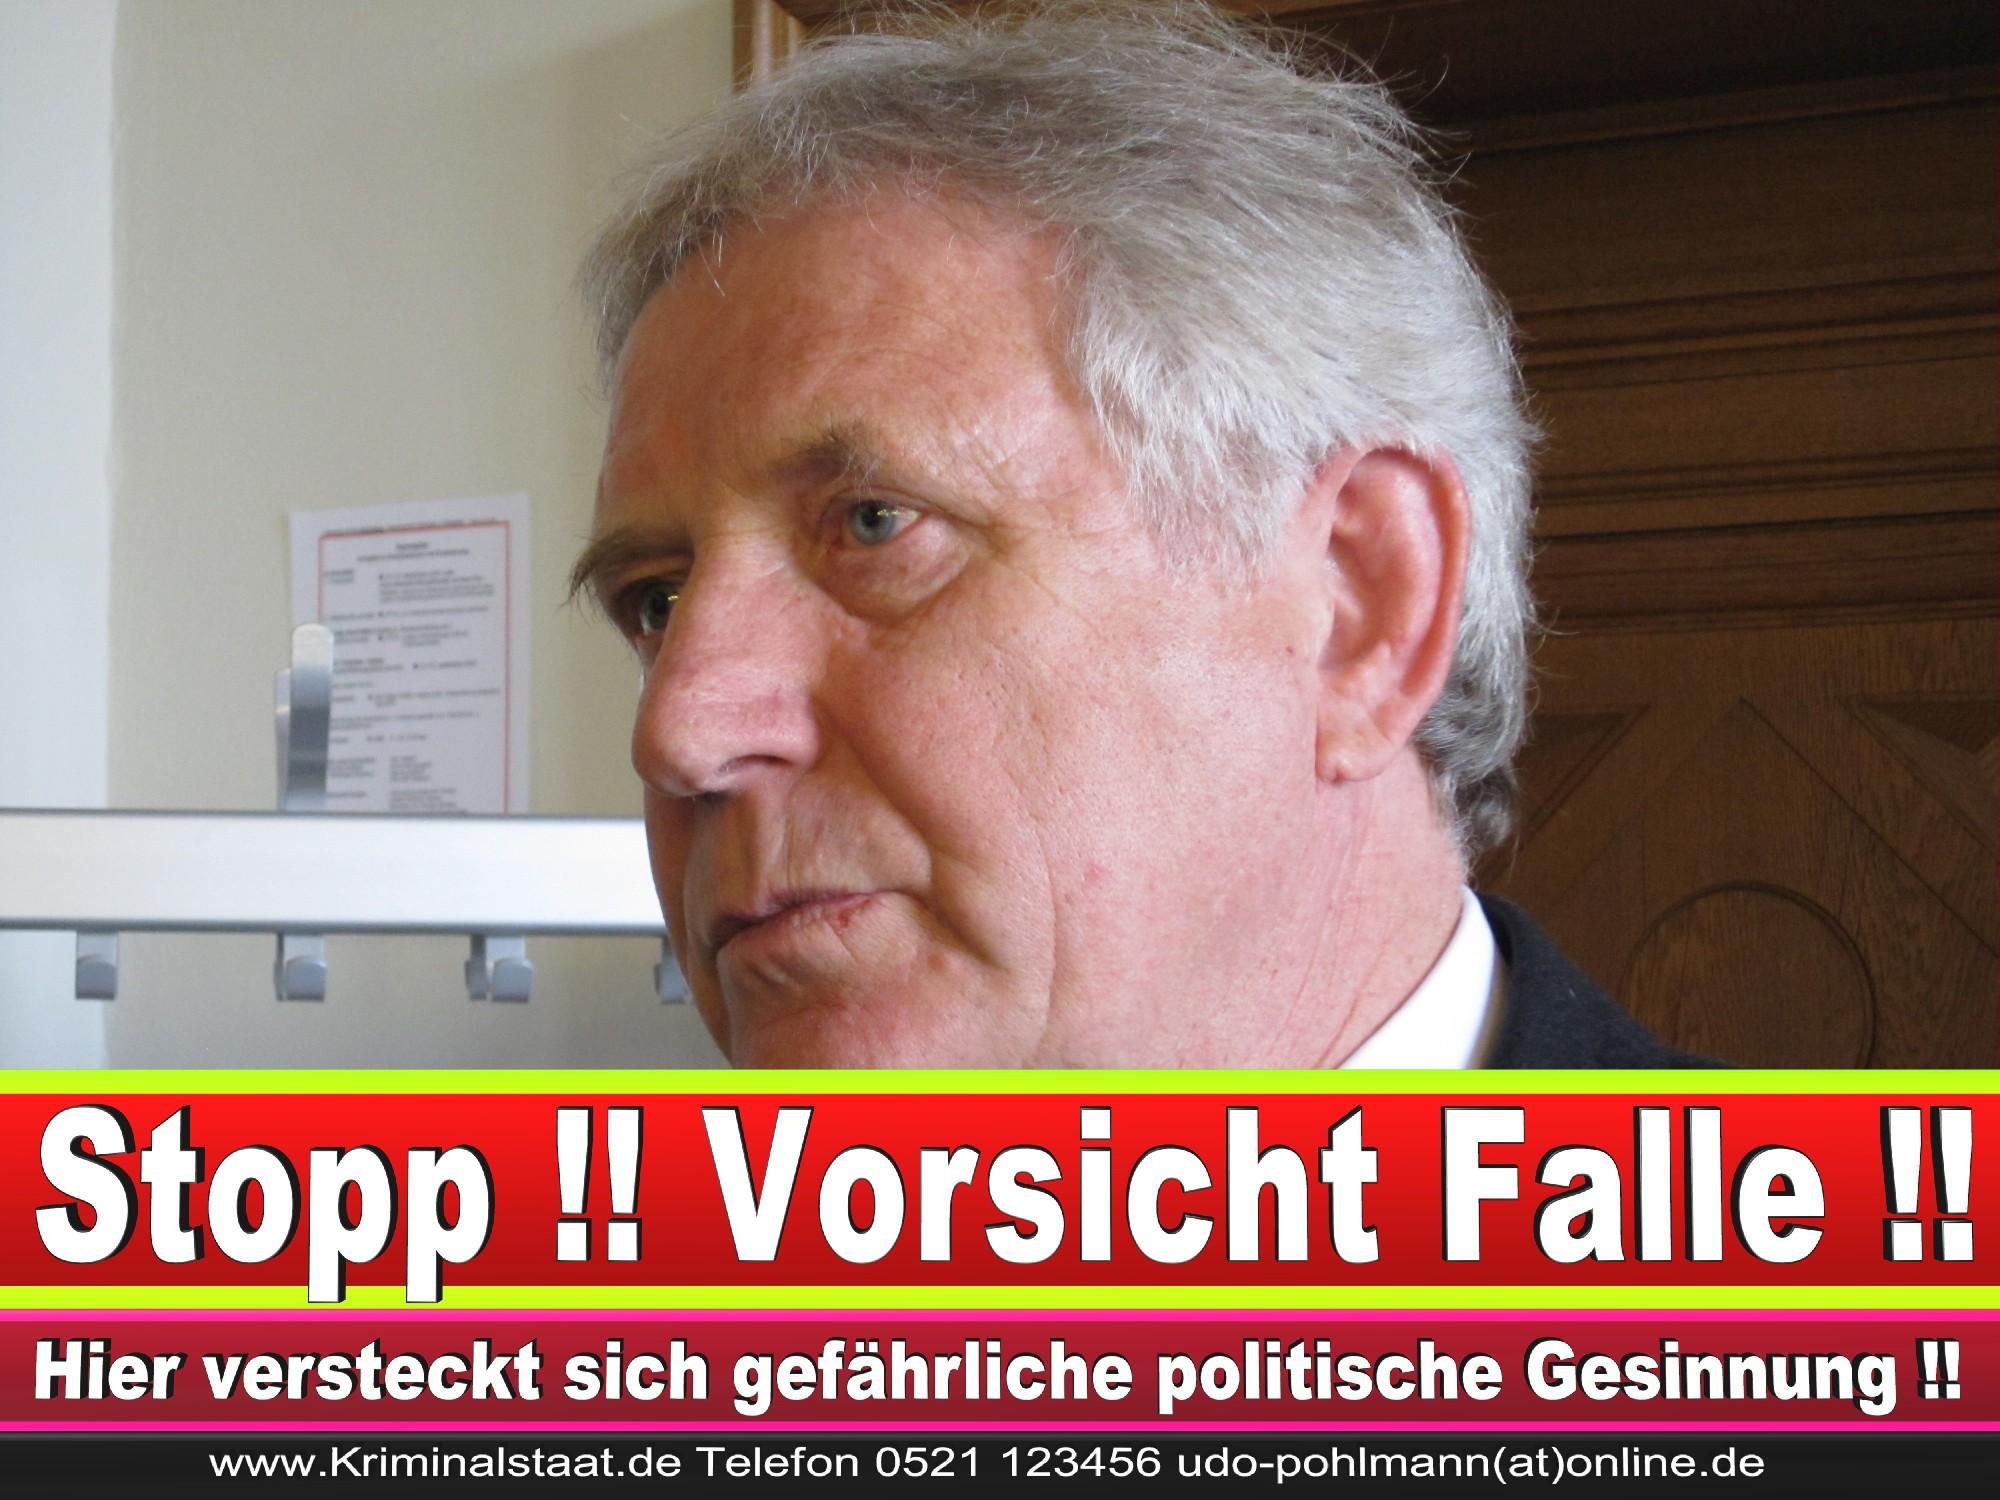 Polizeipräsident Erwin Südfeld Bielefeld Oberbürgermeister Bürgermeister Peter Clausen Pit Clausen Bielefeld (2)